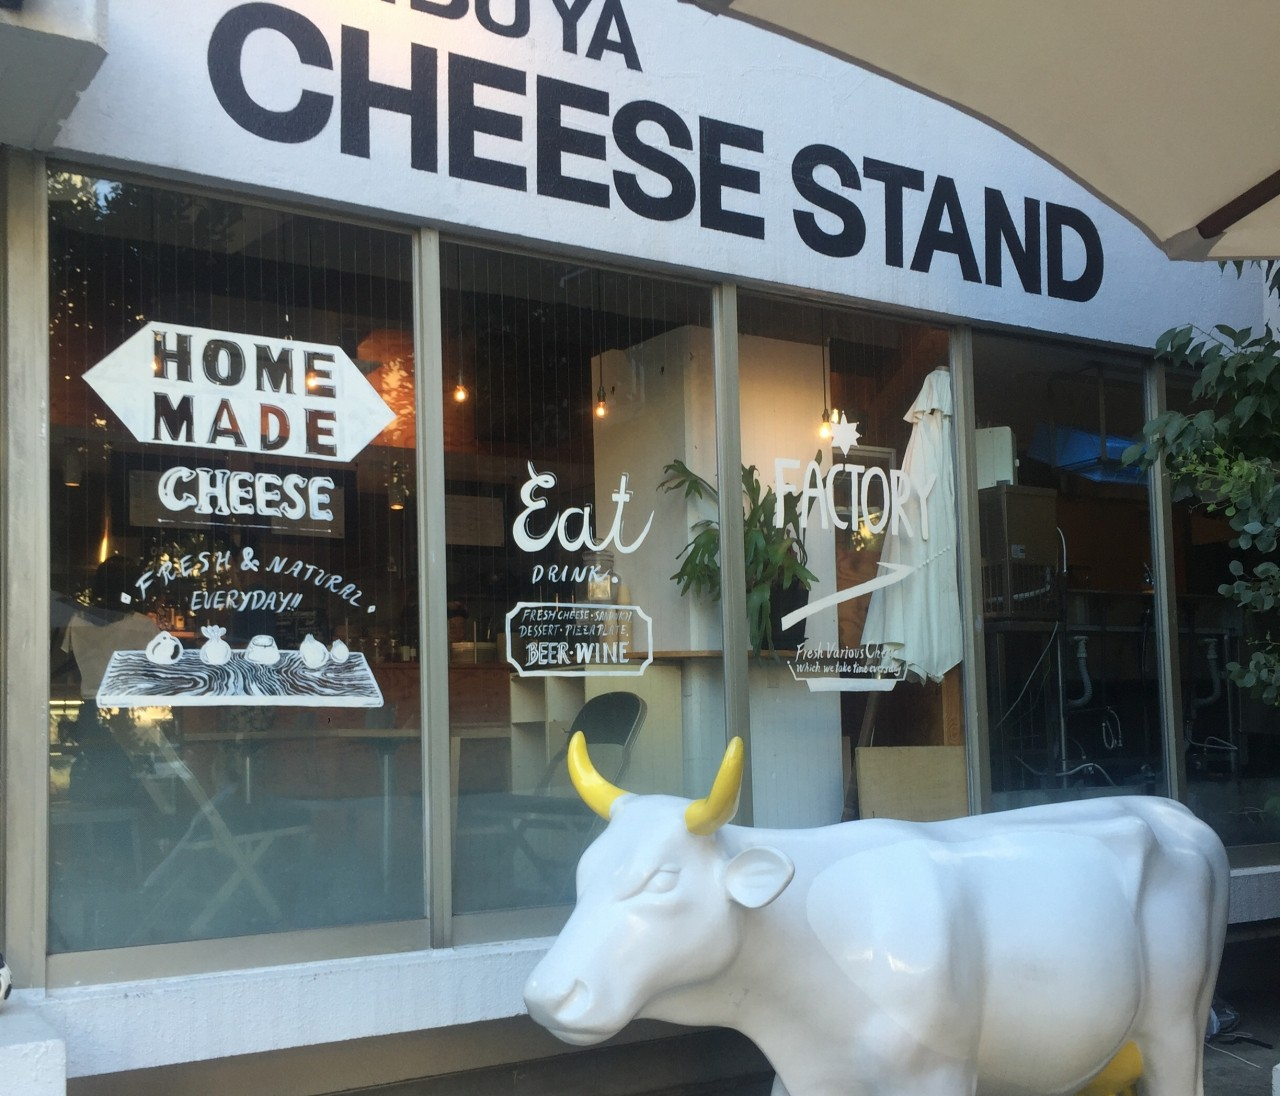 話題の奥渋谷には、グルメがいっぱい♥ メイドイン渋谷のチーズとは?